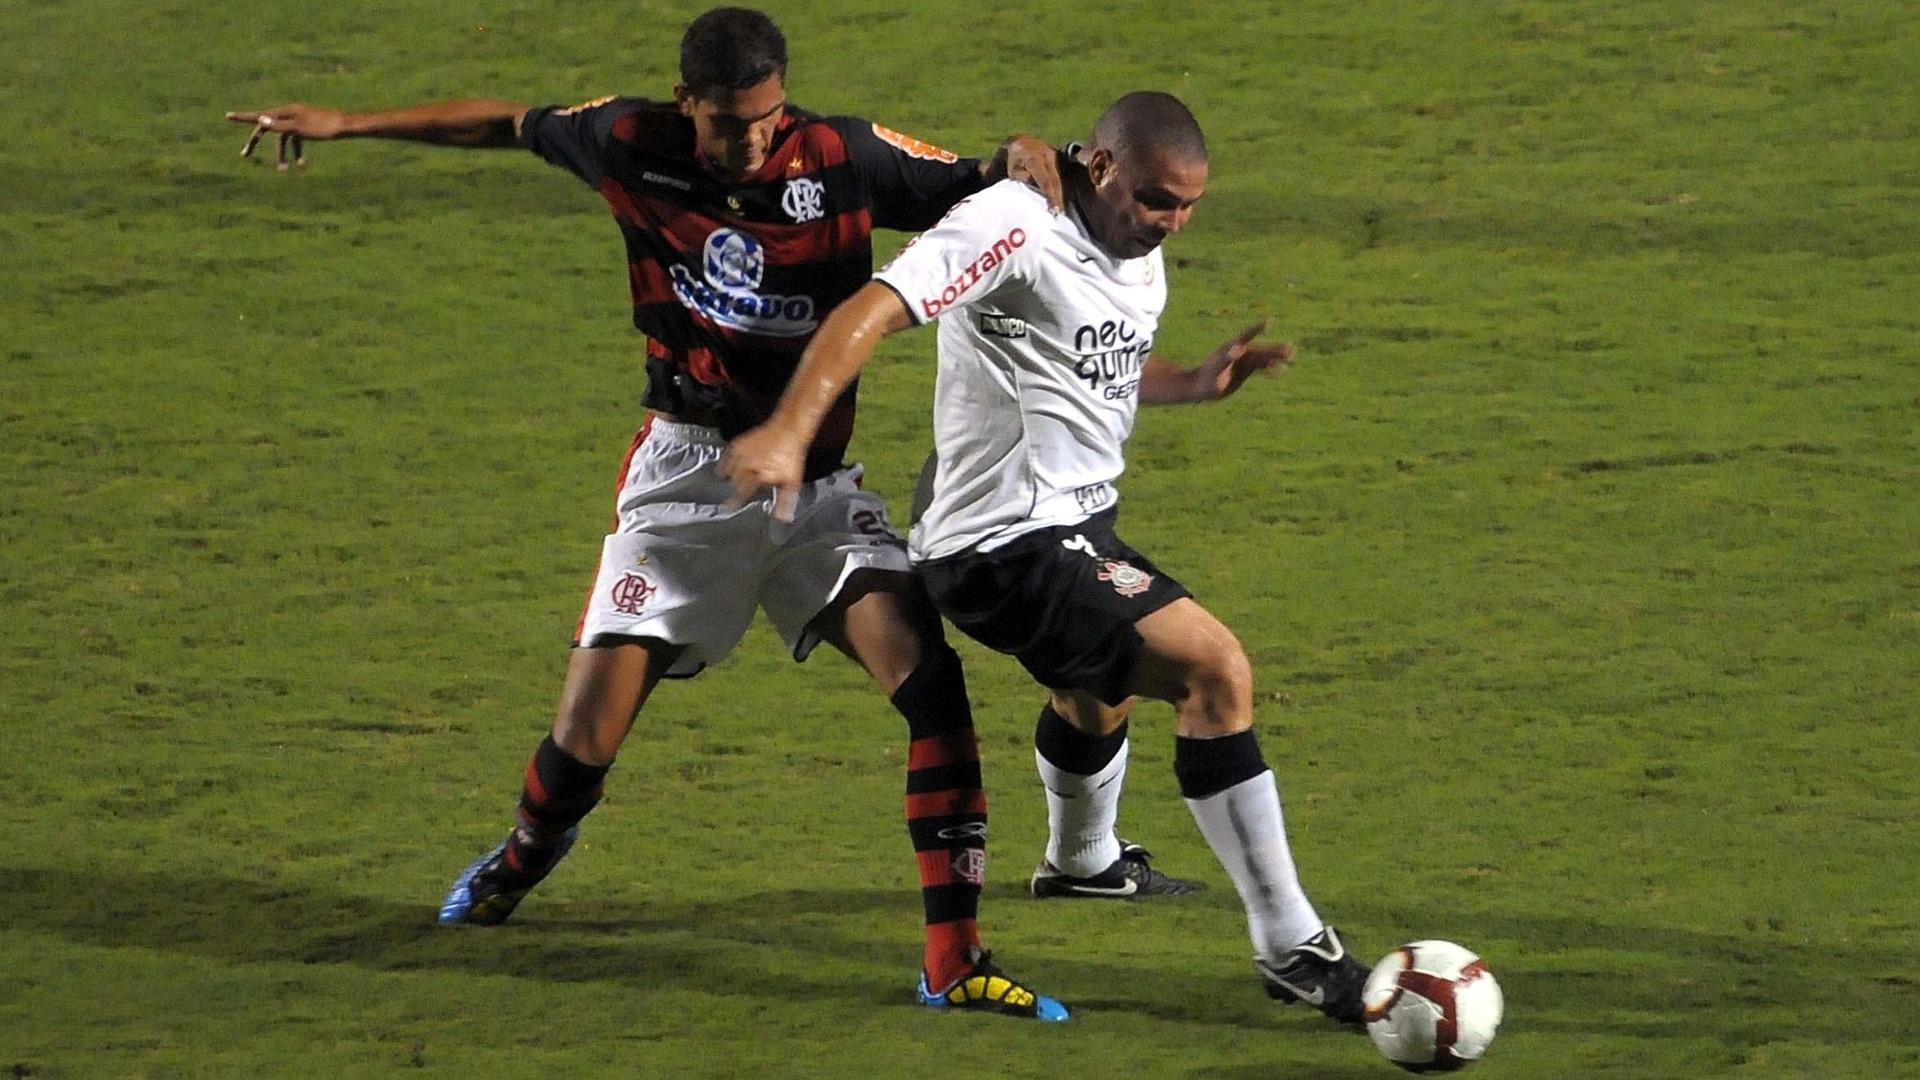 Ronaldo protege a bola no jogo que marcou a eliminação do Corinthians contra o Flamengo, na Libertadores de 2010